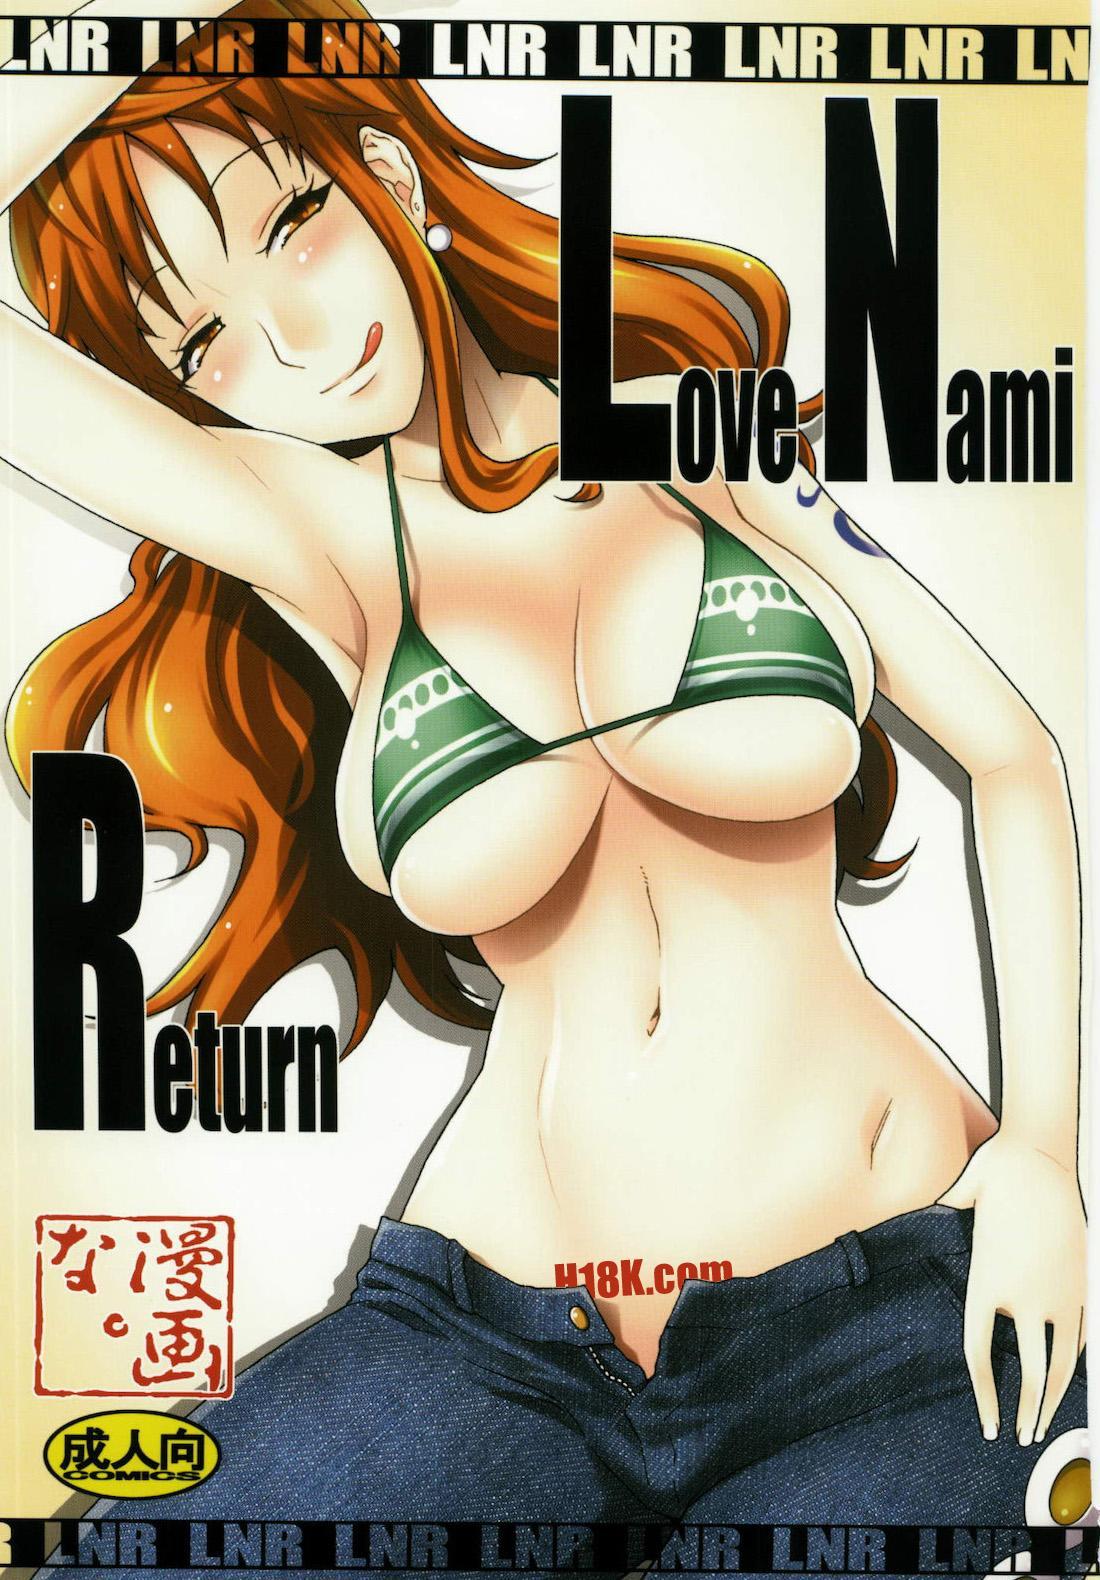 LNR - Love Nami Return 0